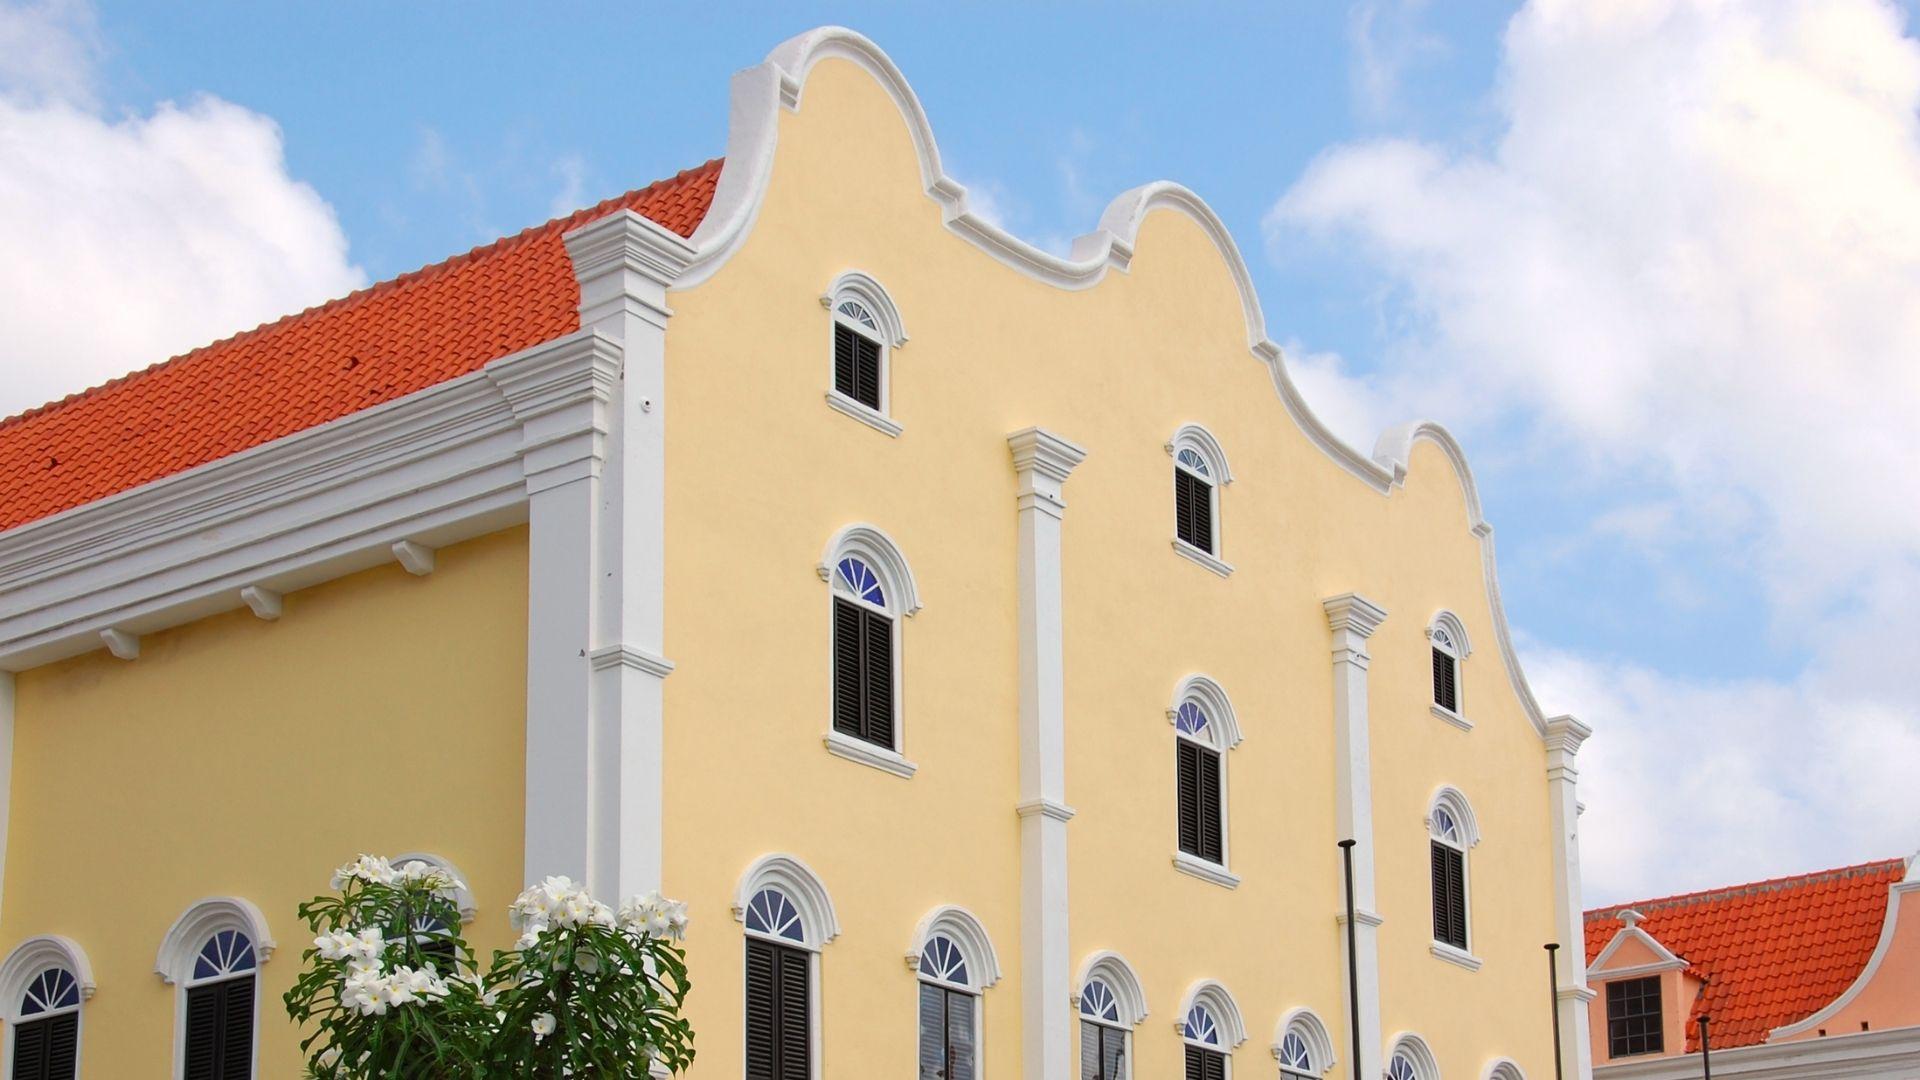 Curacao island Mikve Israel-Emanuel Synagogue